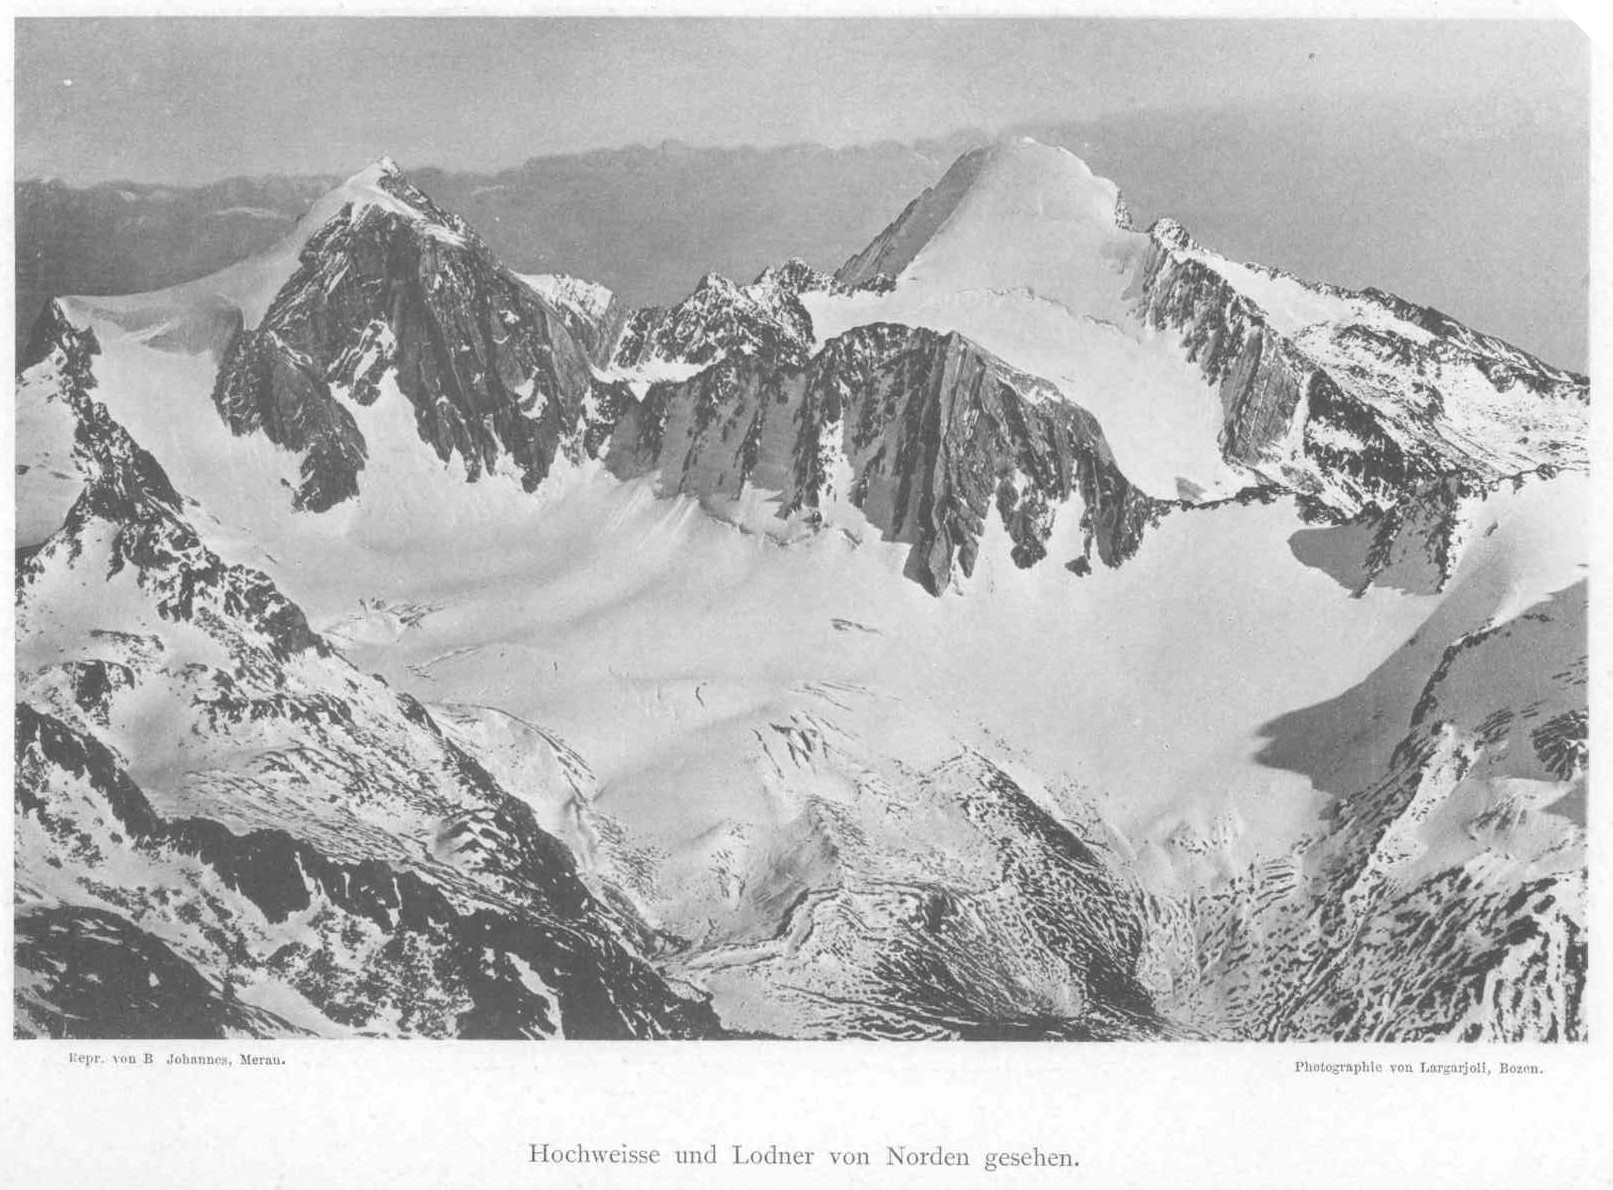 La cima Bianca Grande a sx e la cima Fiammante a dx viste da nord